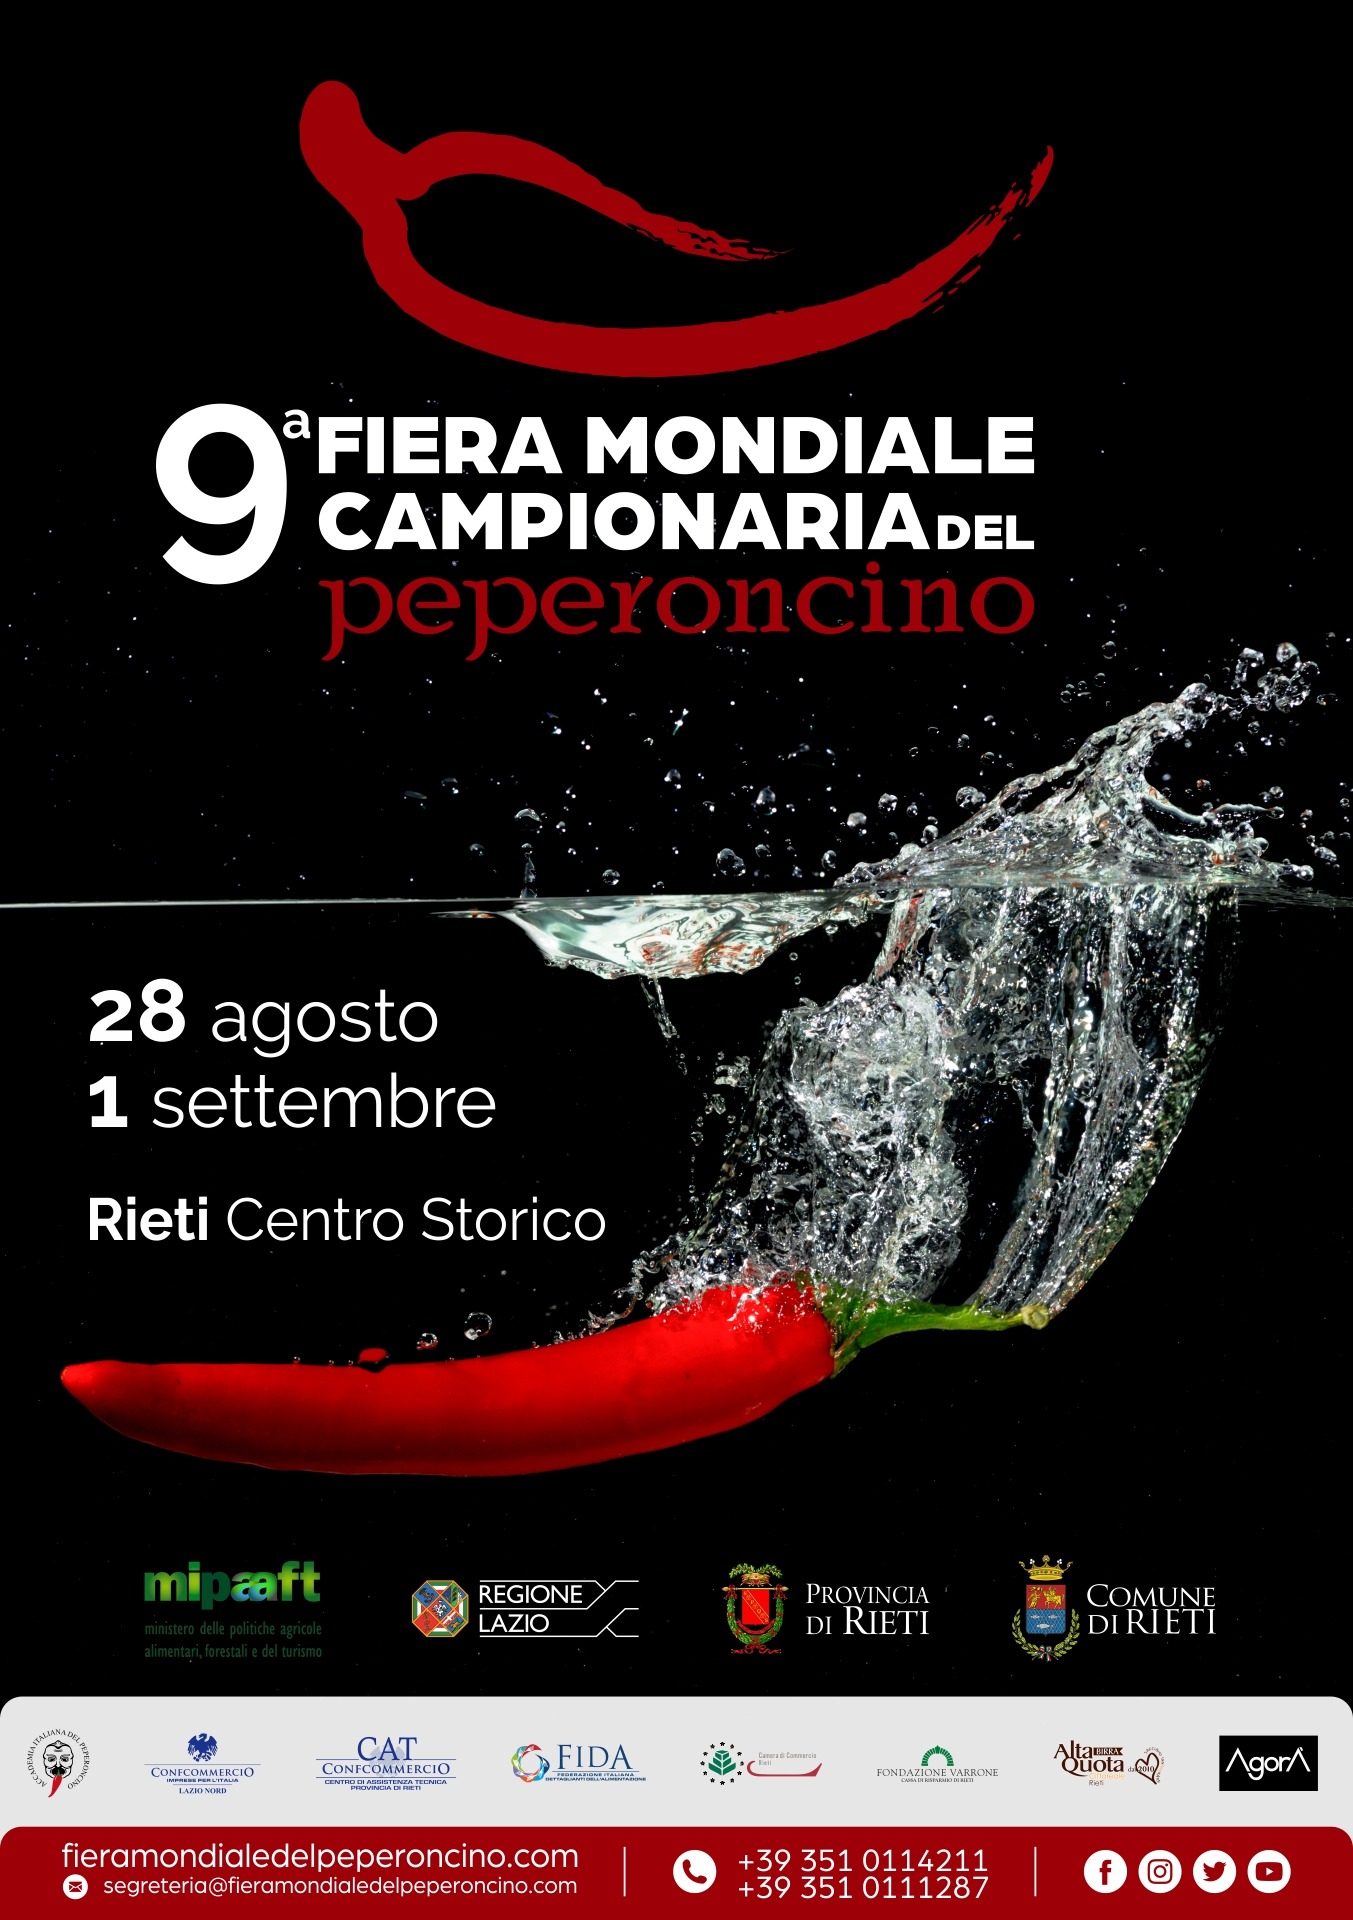 A5 2019 Fiera Mondiale Campionaria del Peperoncino